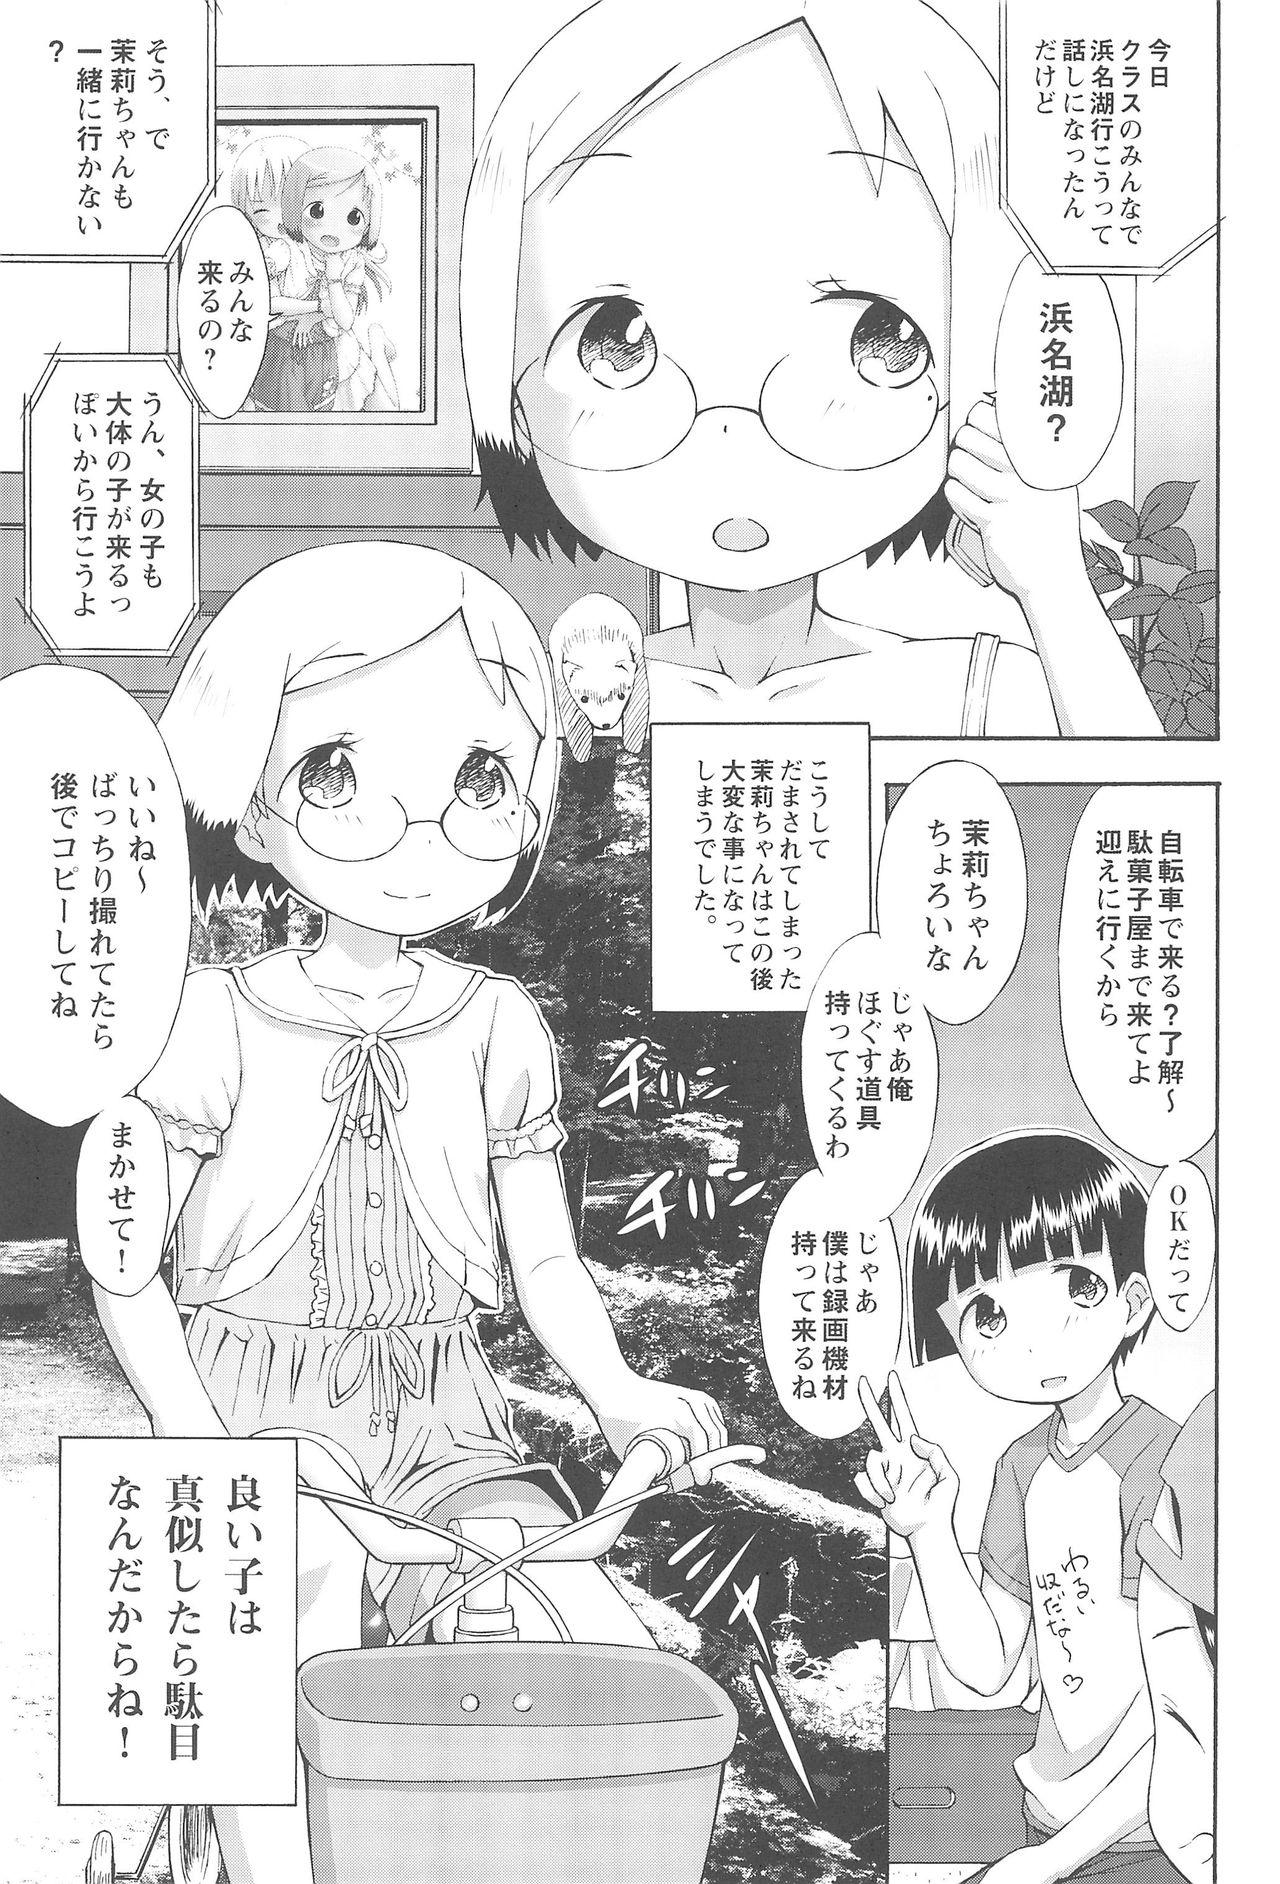 mashimaro ism Matsuri-chan to Asobou 3